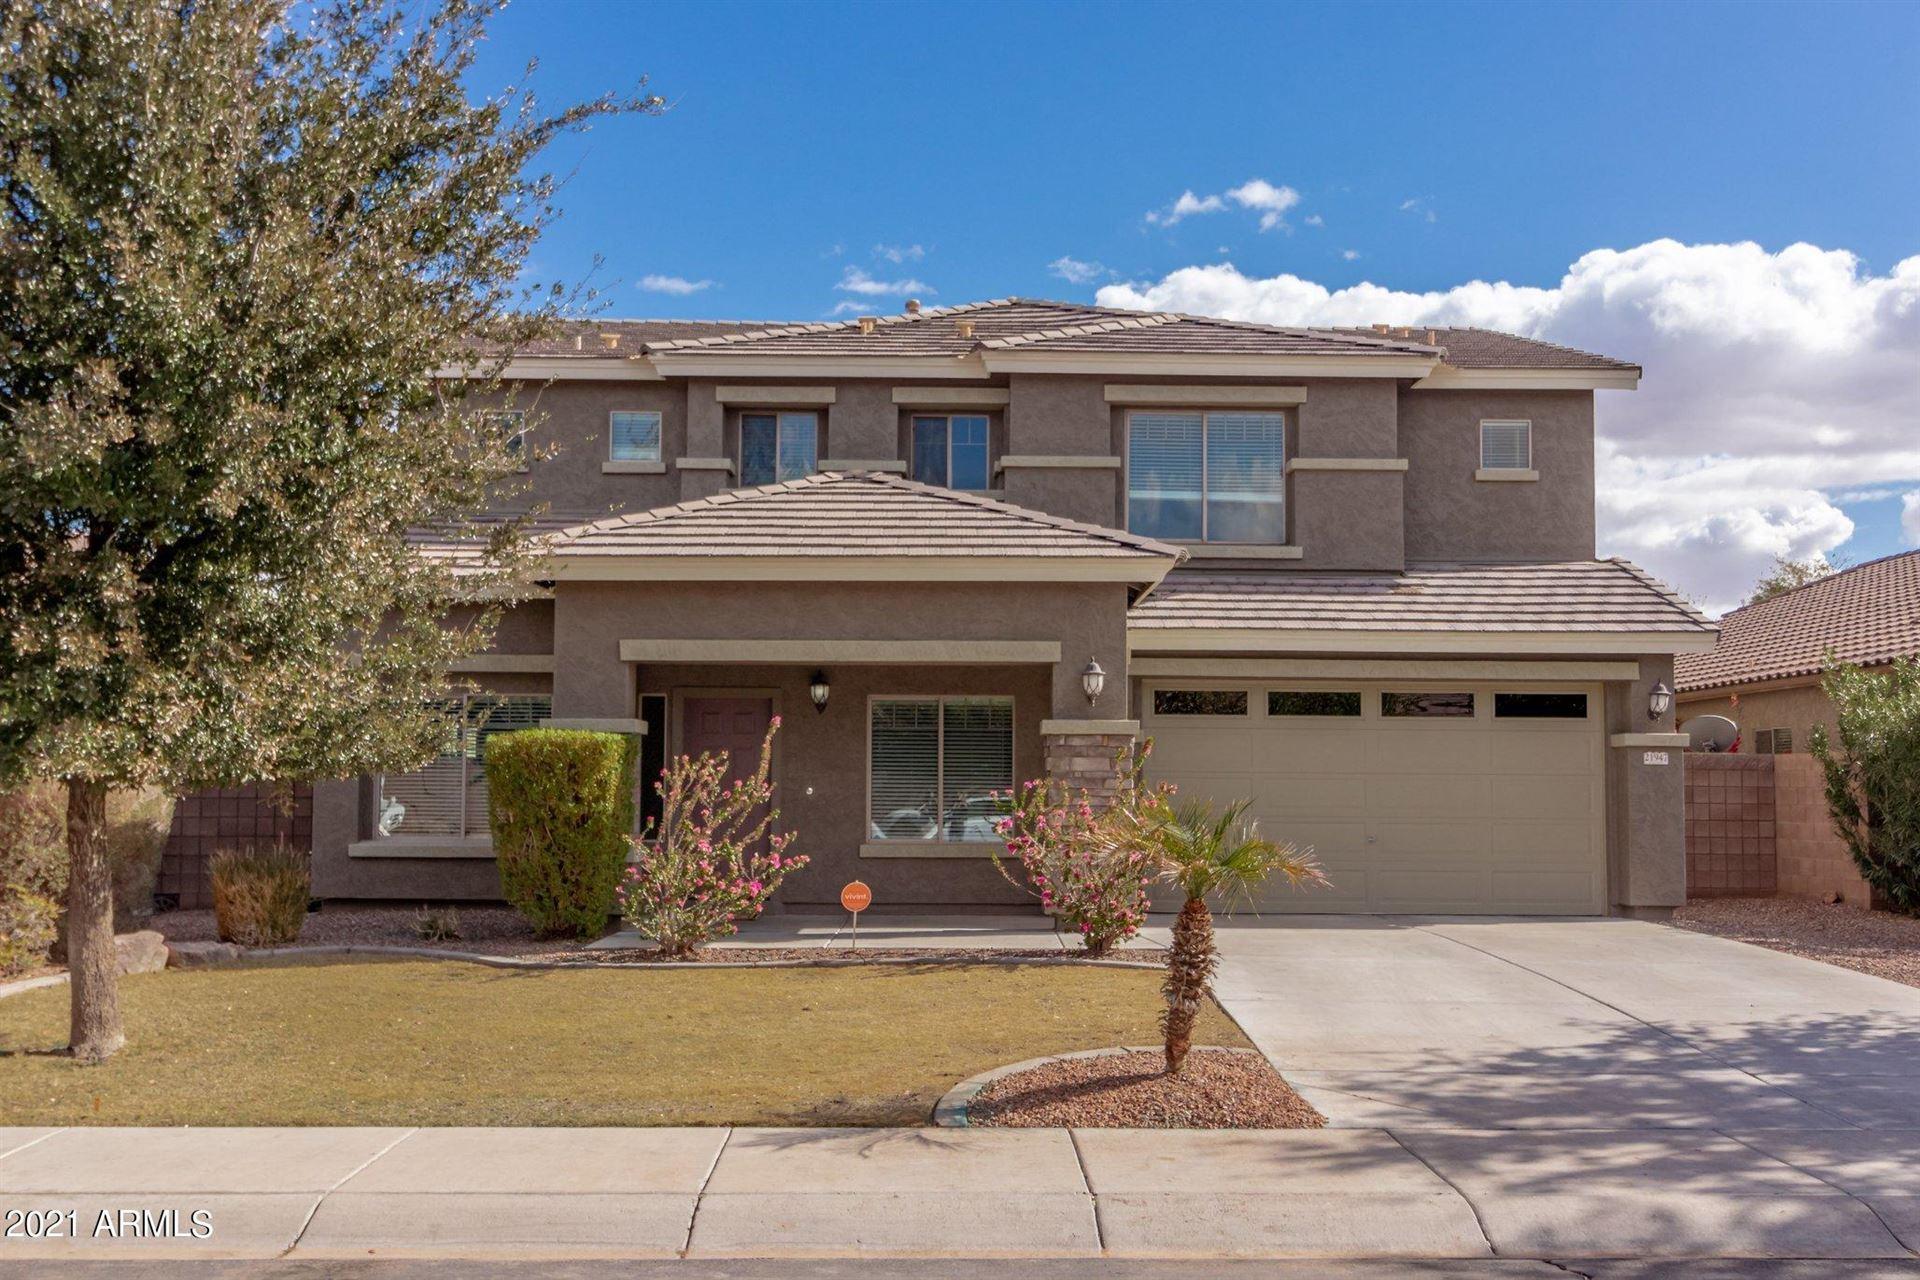 Photo for 21947 N GIBSON Drive, Maricopa, AZ 85139 (MLS # 6186889)